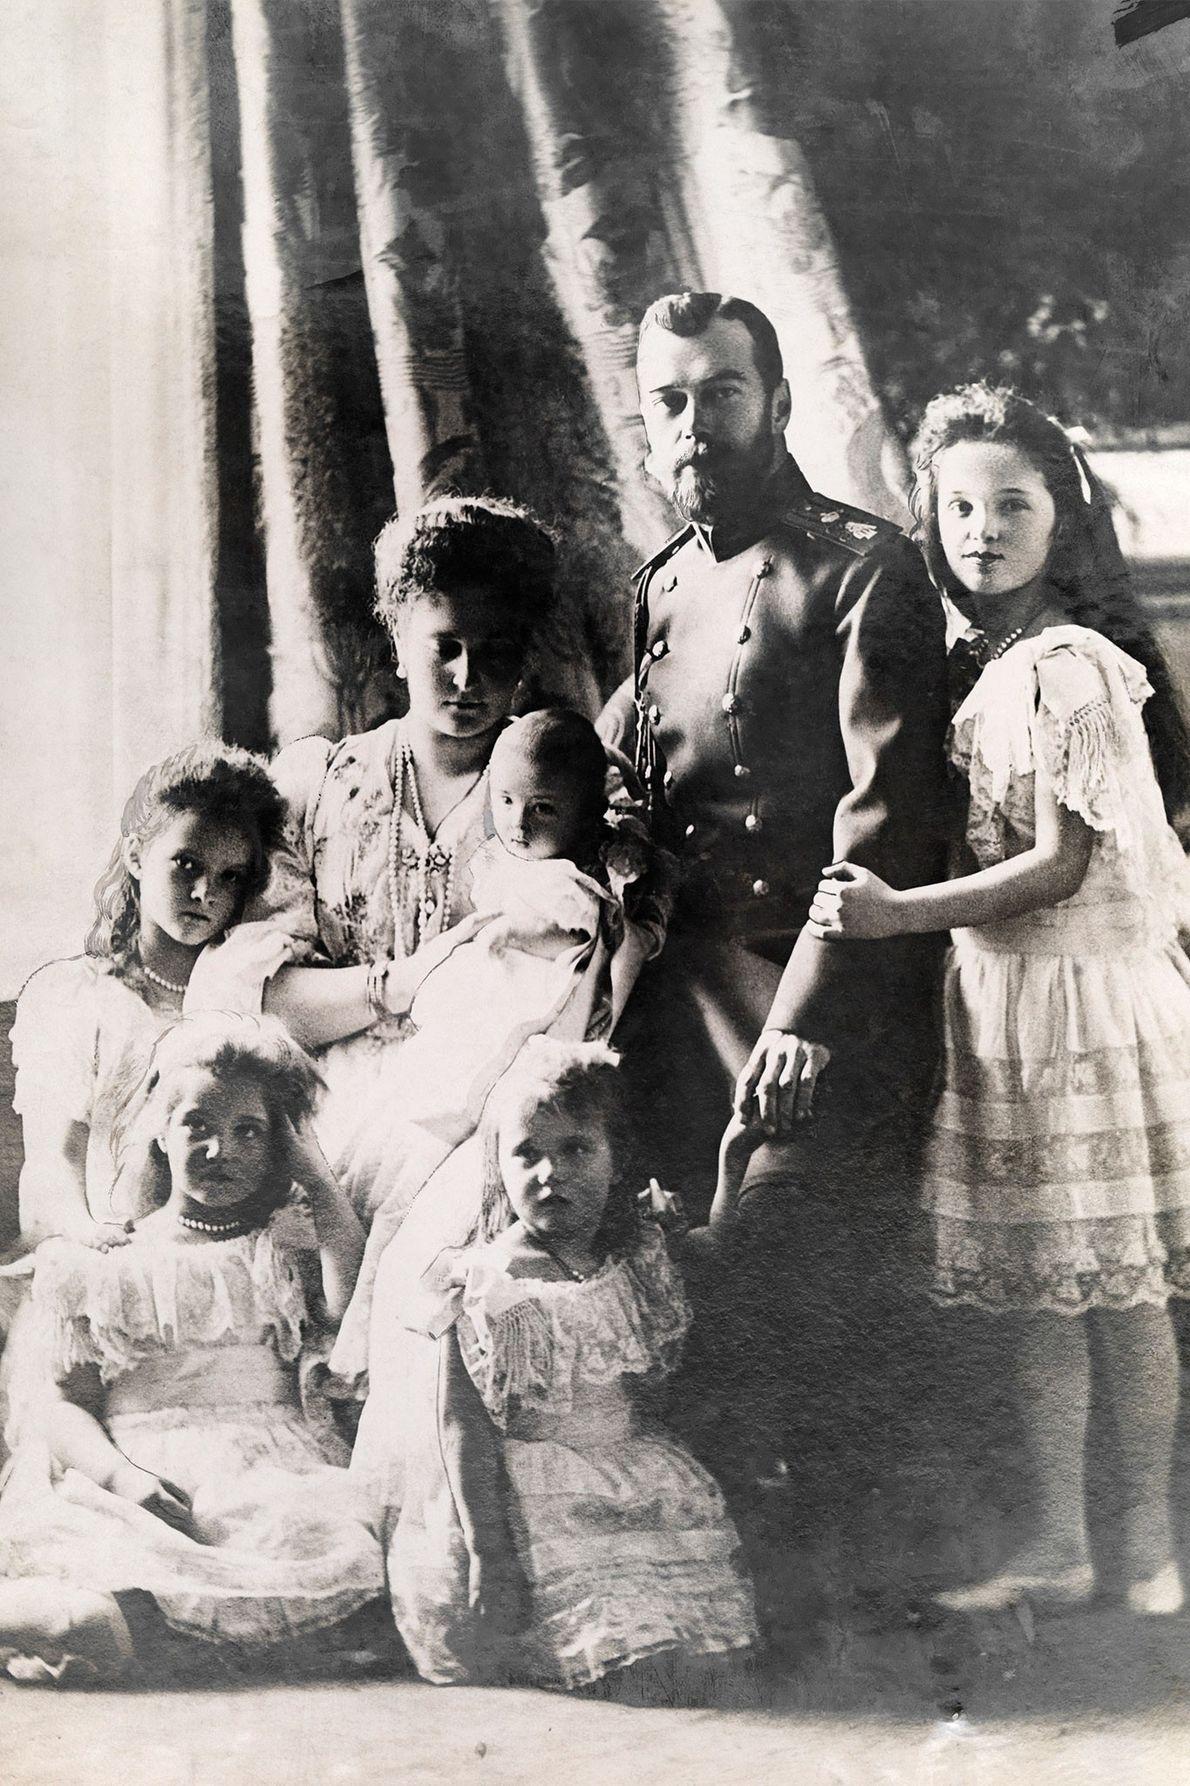 Sur ce cliché datant du début du XXe siècle pris en Russie, le Tsar Nicholas II ...